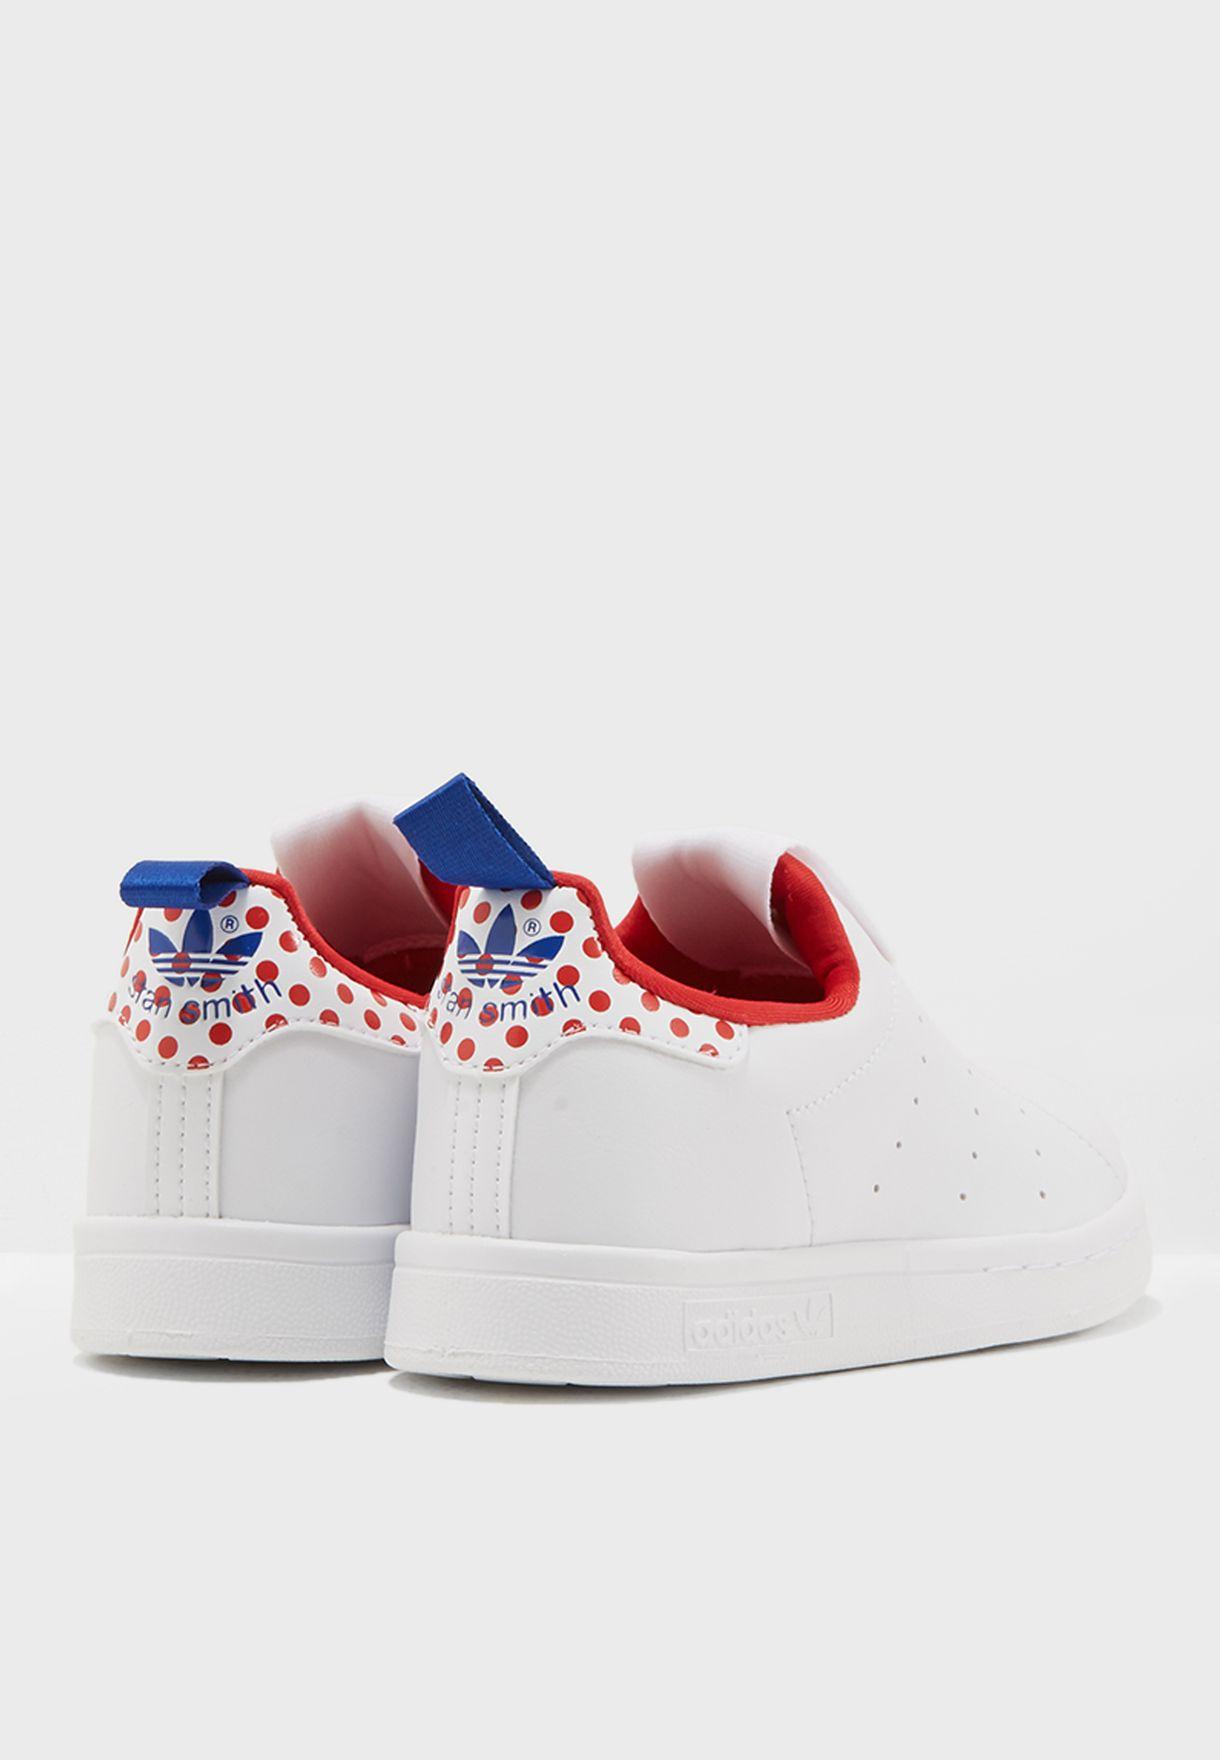 حذاء ستان سميث 360